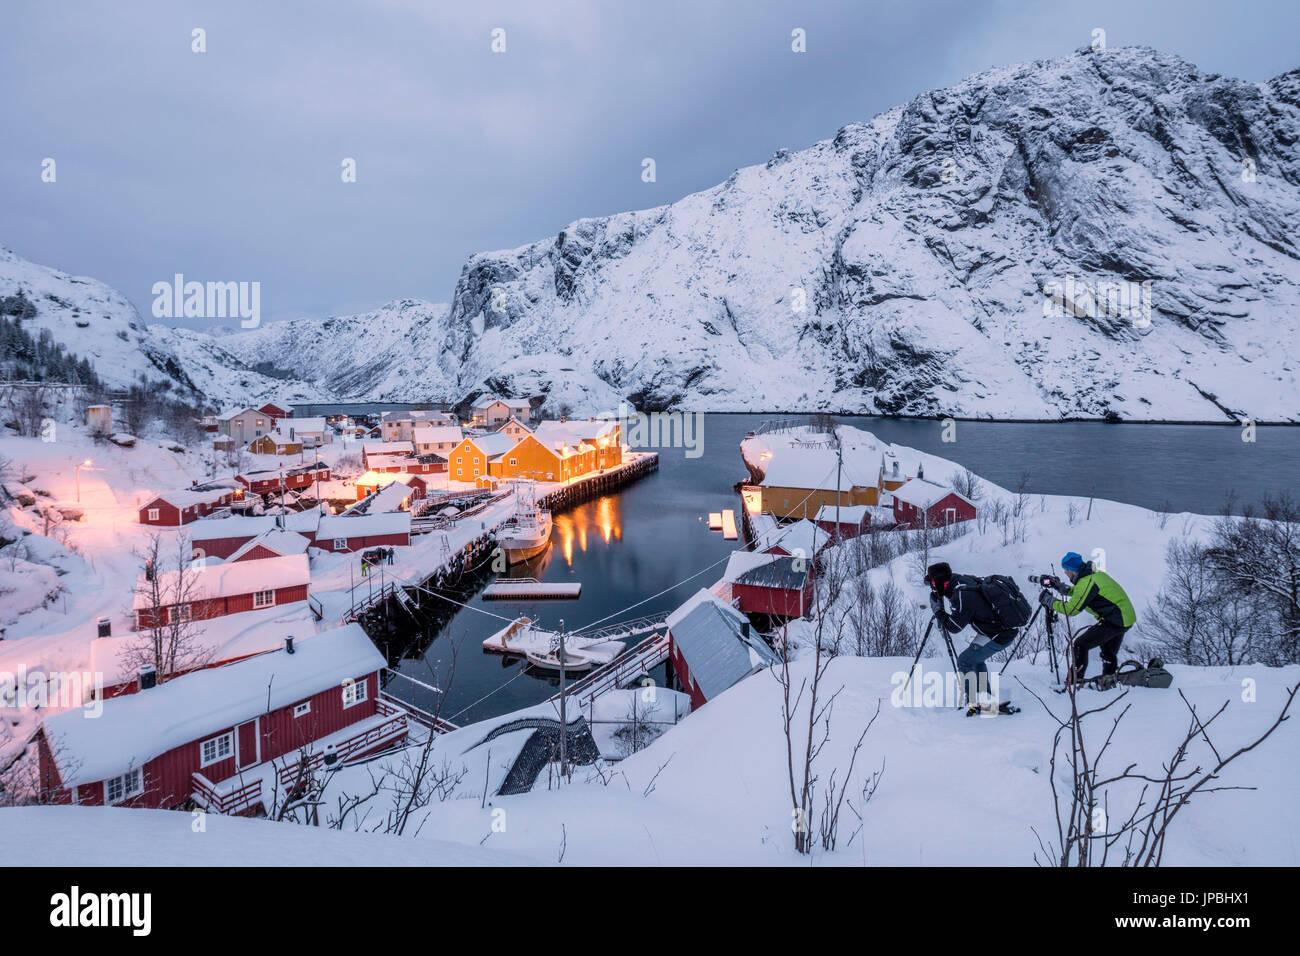 Fotografen in der Abenddämmerung in der Nähe des Fischerdorfes beschneit Nusfjord Nordland Lofoten Inseln Norwegen Nordeuropa Stockbild